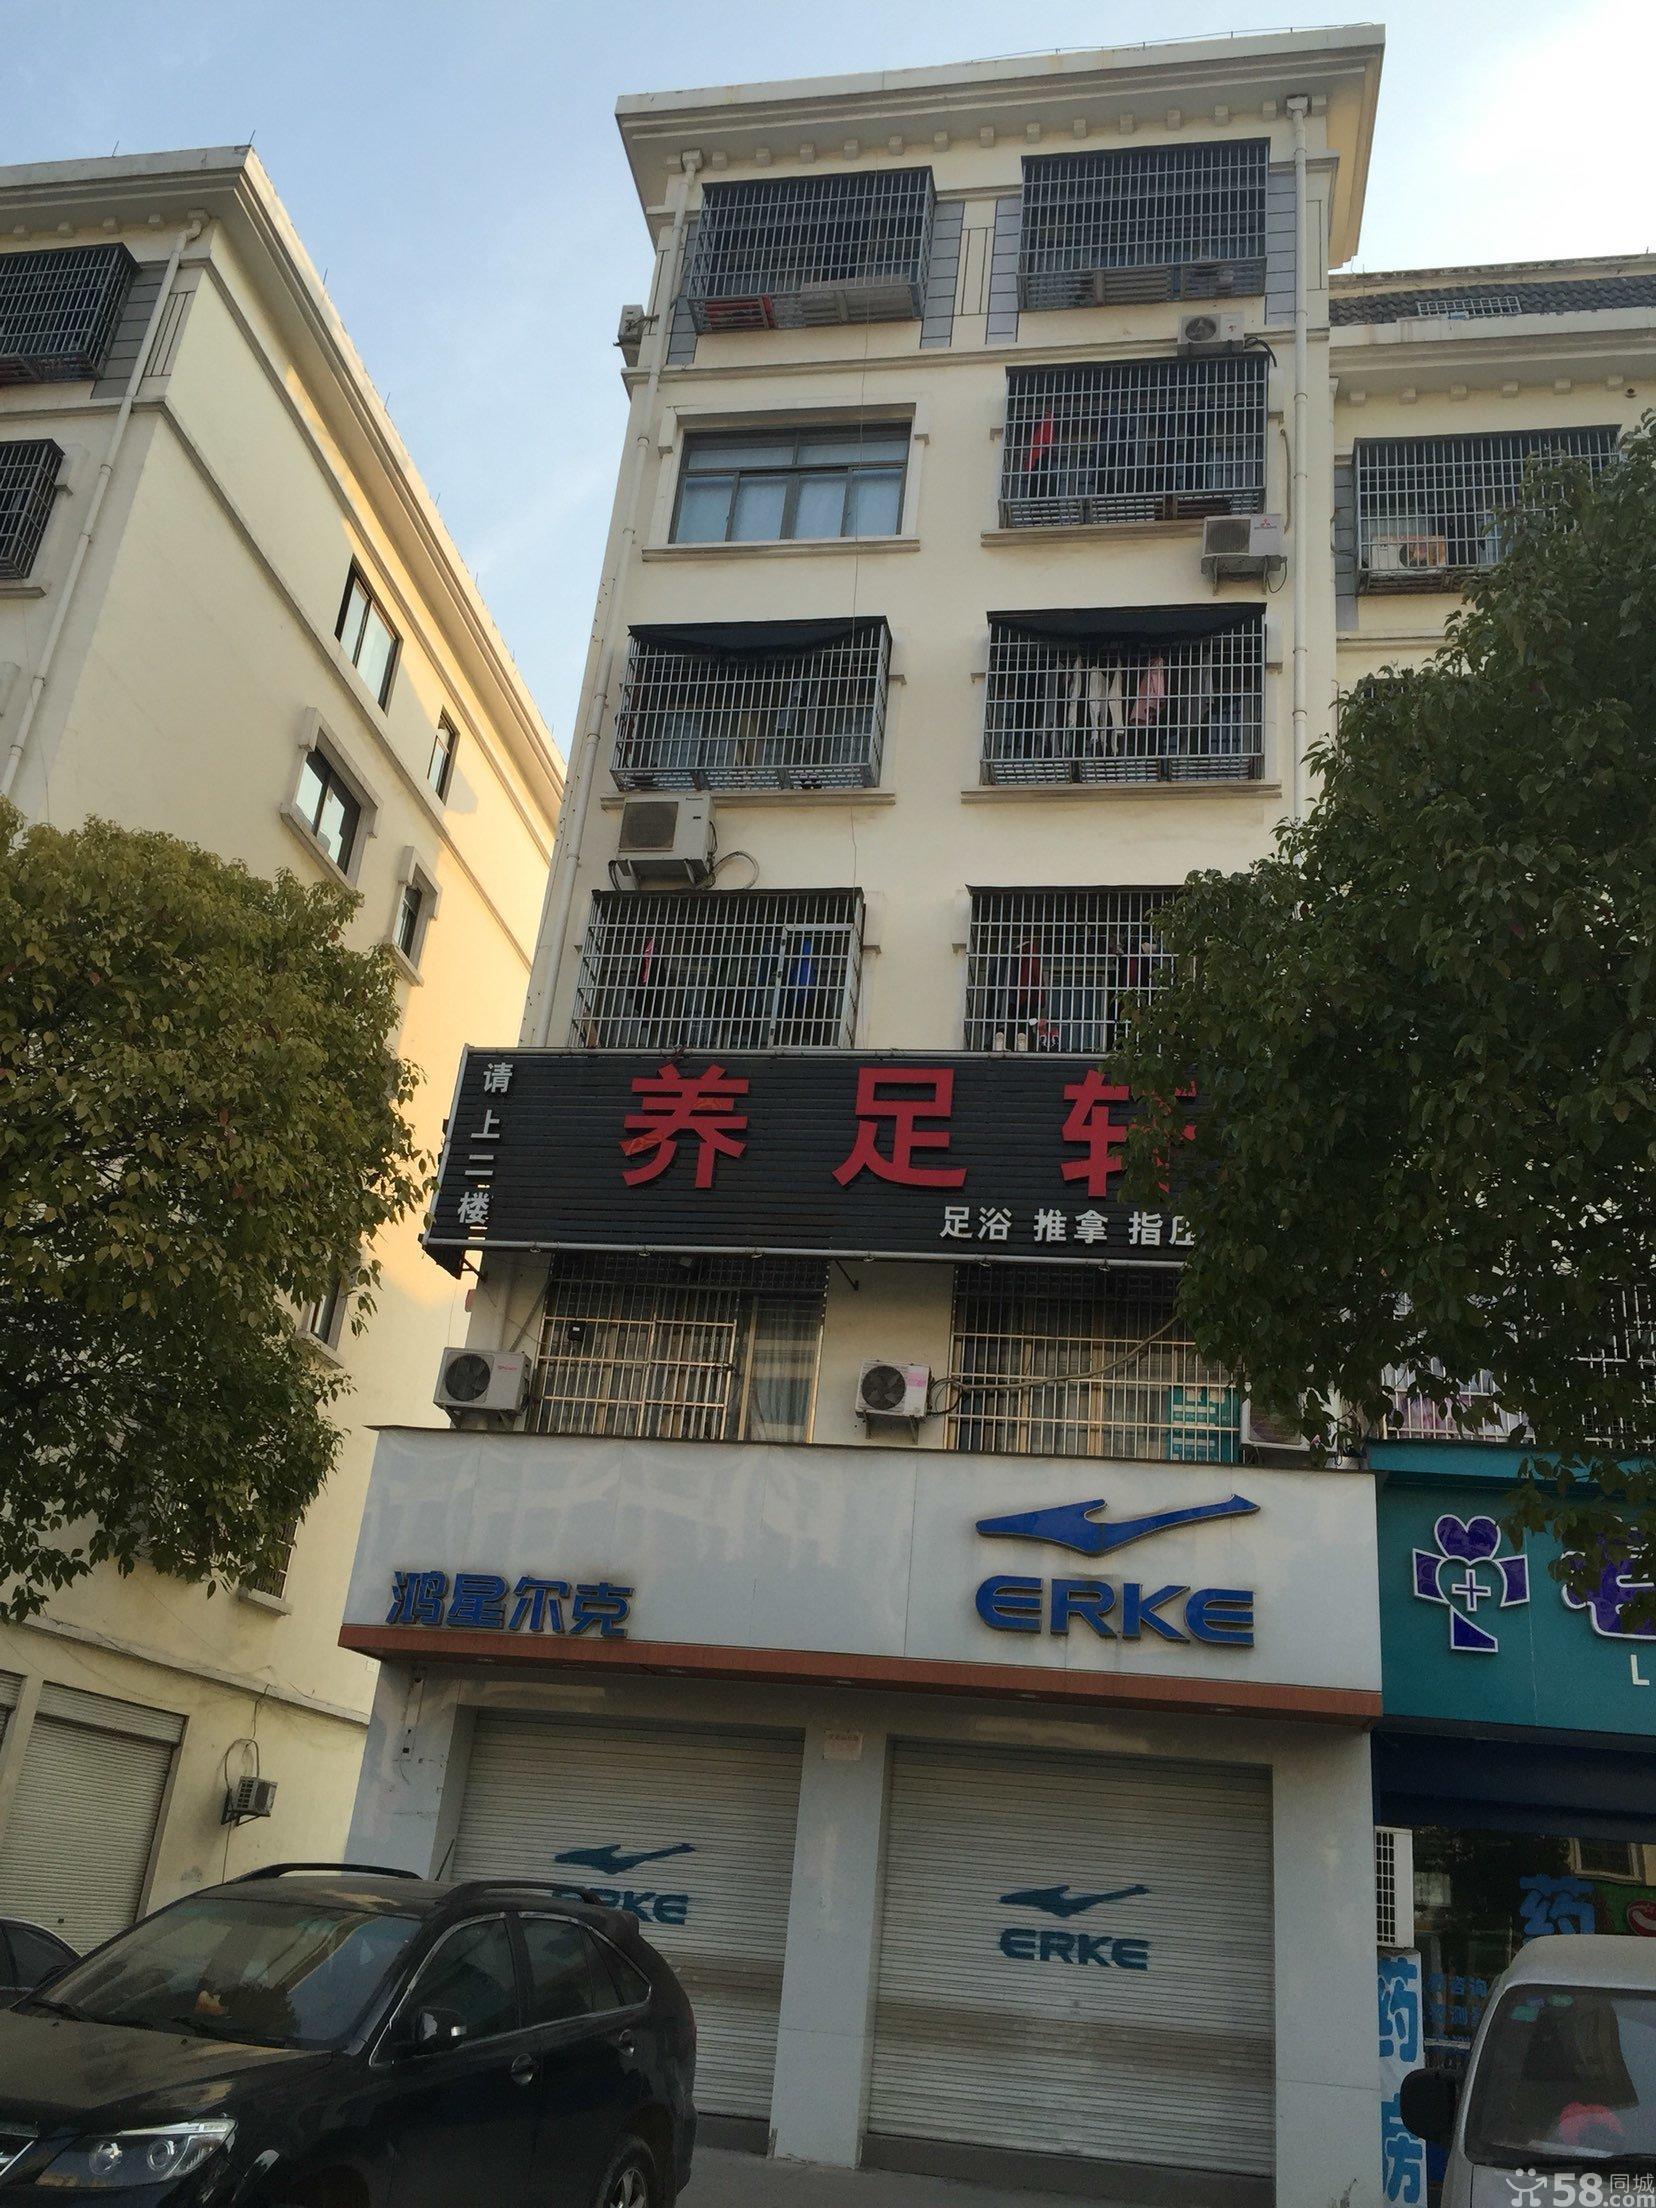 城西伏龙山路沿街店面垂直房1间8层占地55平年租金10万